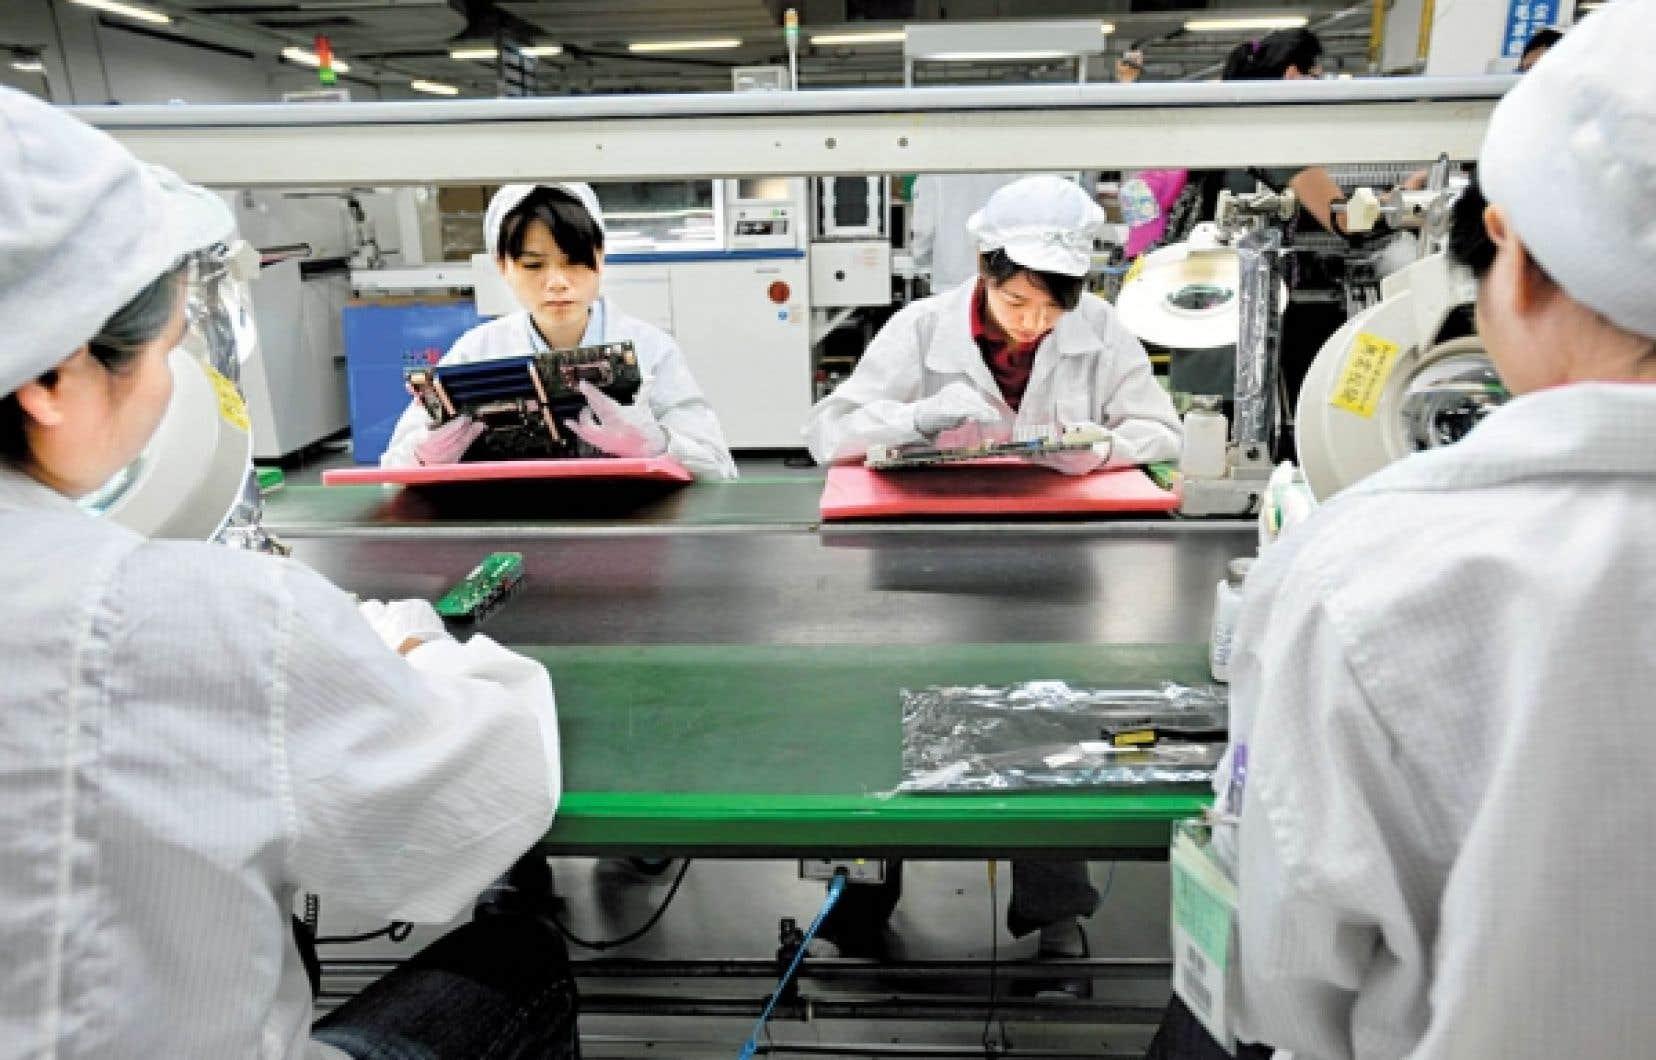 Des ouvriers d'une usine de Foxconn, à Shenzhen, en Chine. Géant mondial de la sous-traitance en électronique, pour Apple notamment, Foxconn veut automatiser davantage sa production en installant 300 000 machines sur les chaînes en 2012 et 1 million en trois ans pour remplacer 500 000 employés.<br />